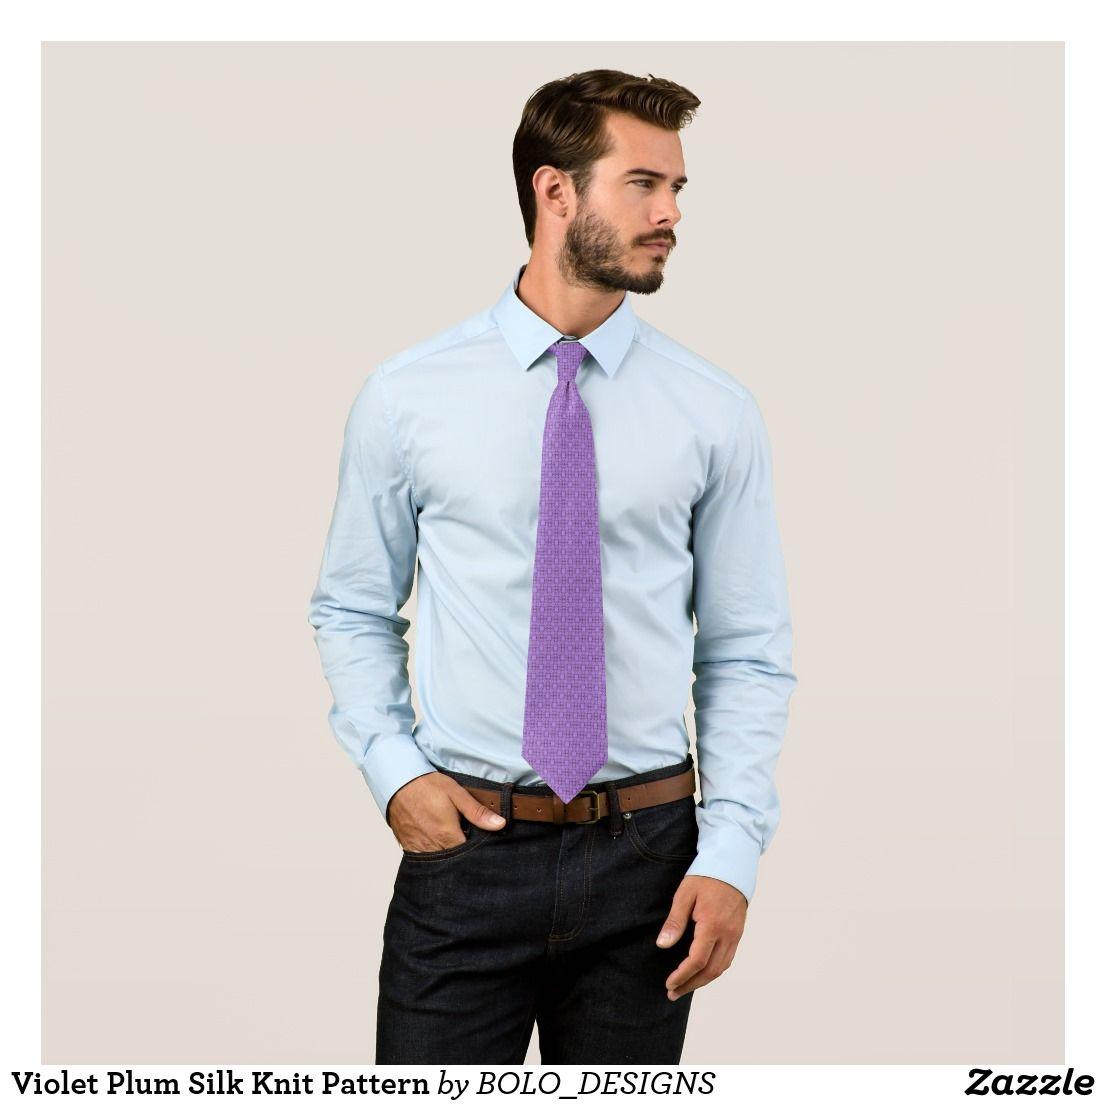 fe0345ac7abe8 Violet Plum Silk Knit Pattern Tie